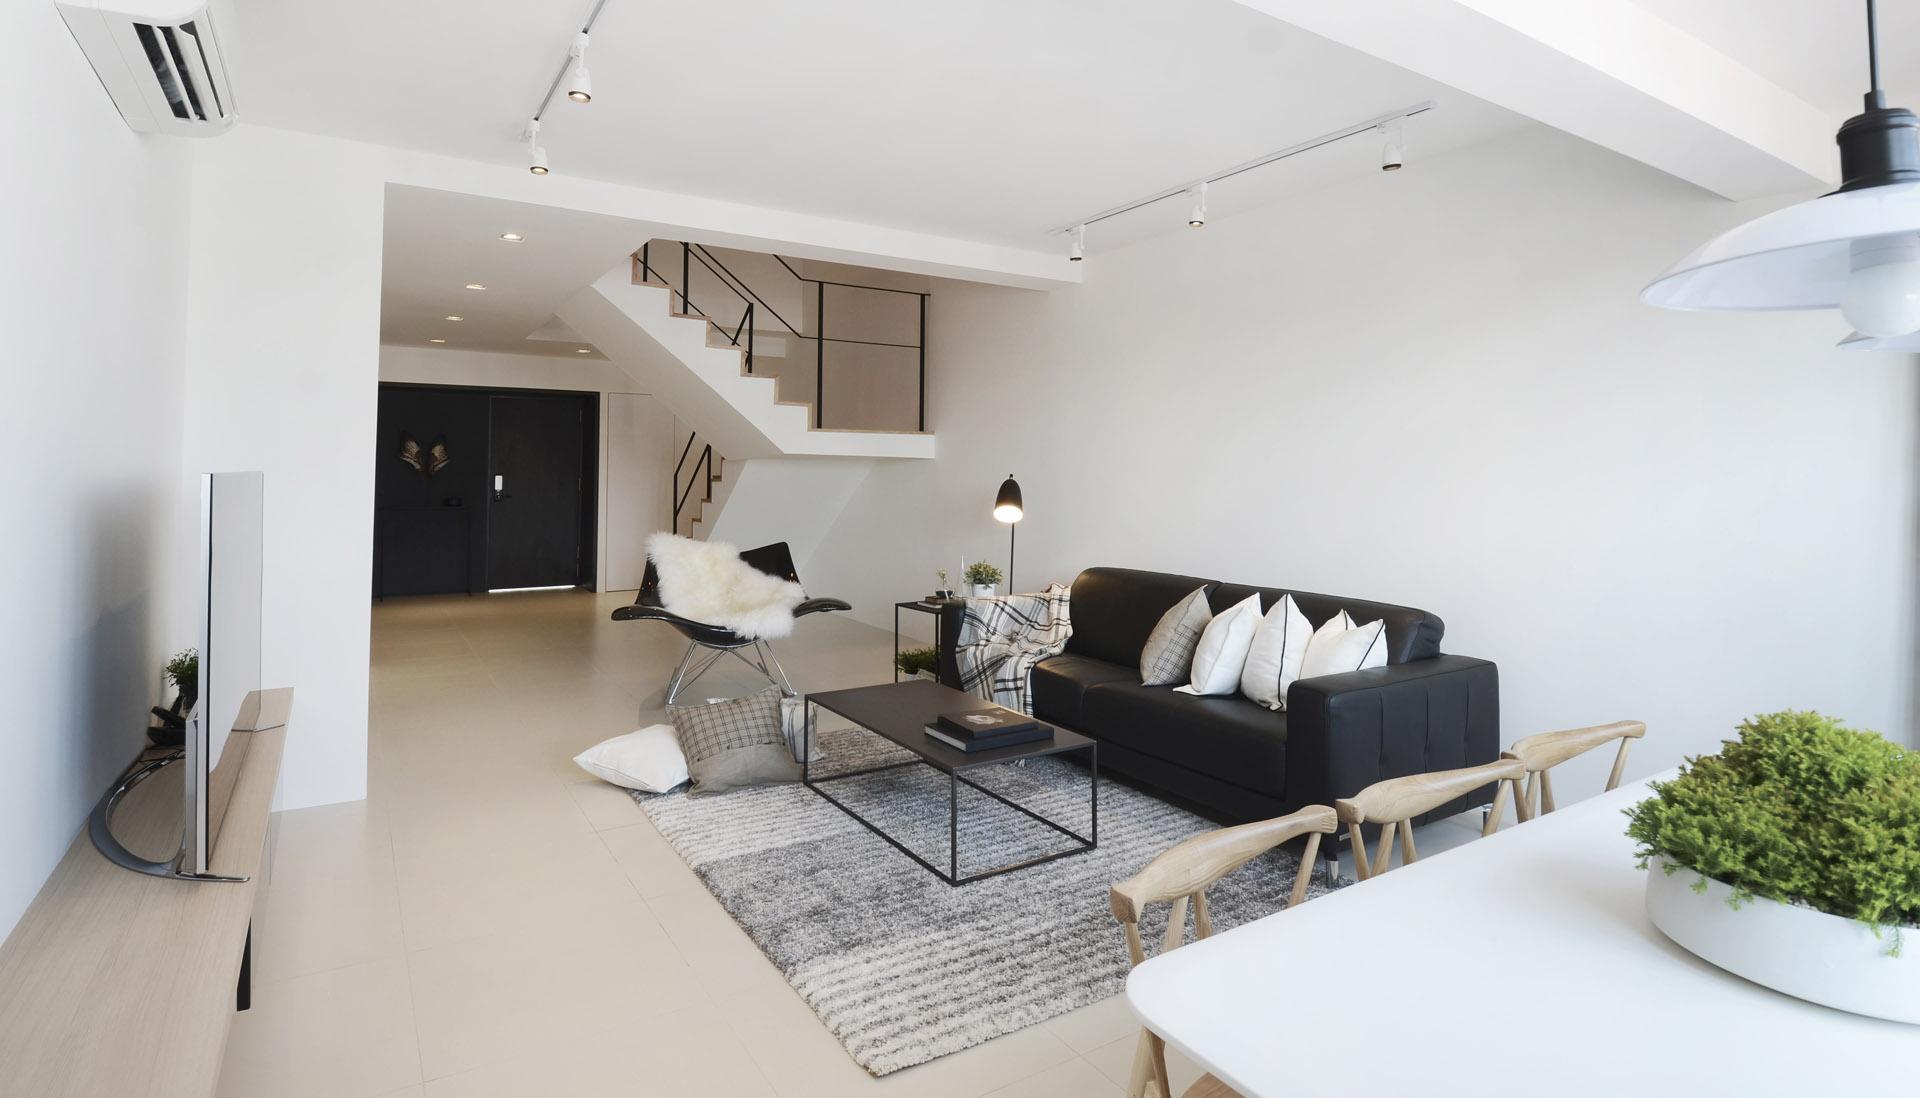 Двухуровневая квартира в монохромном дизайне